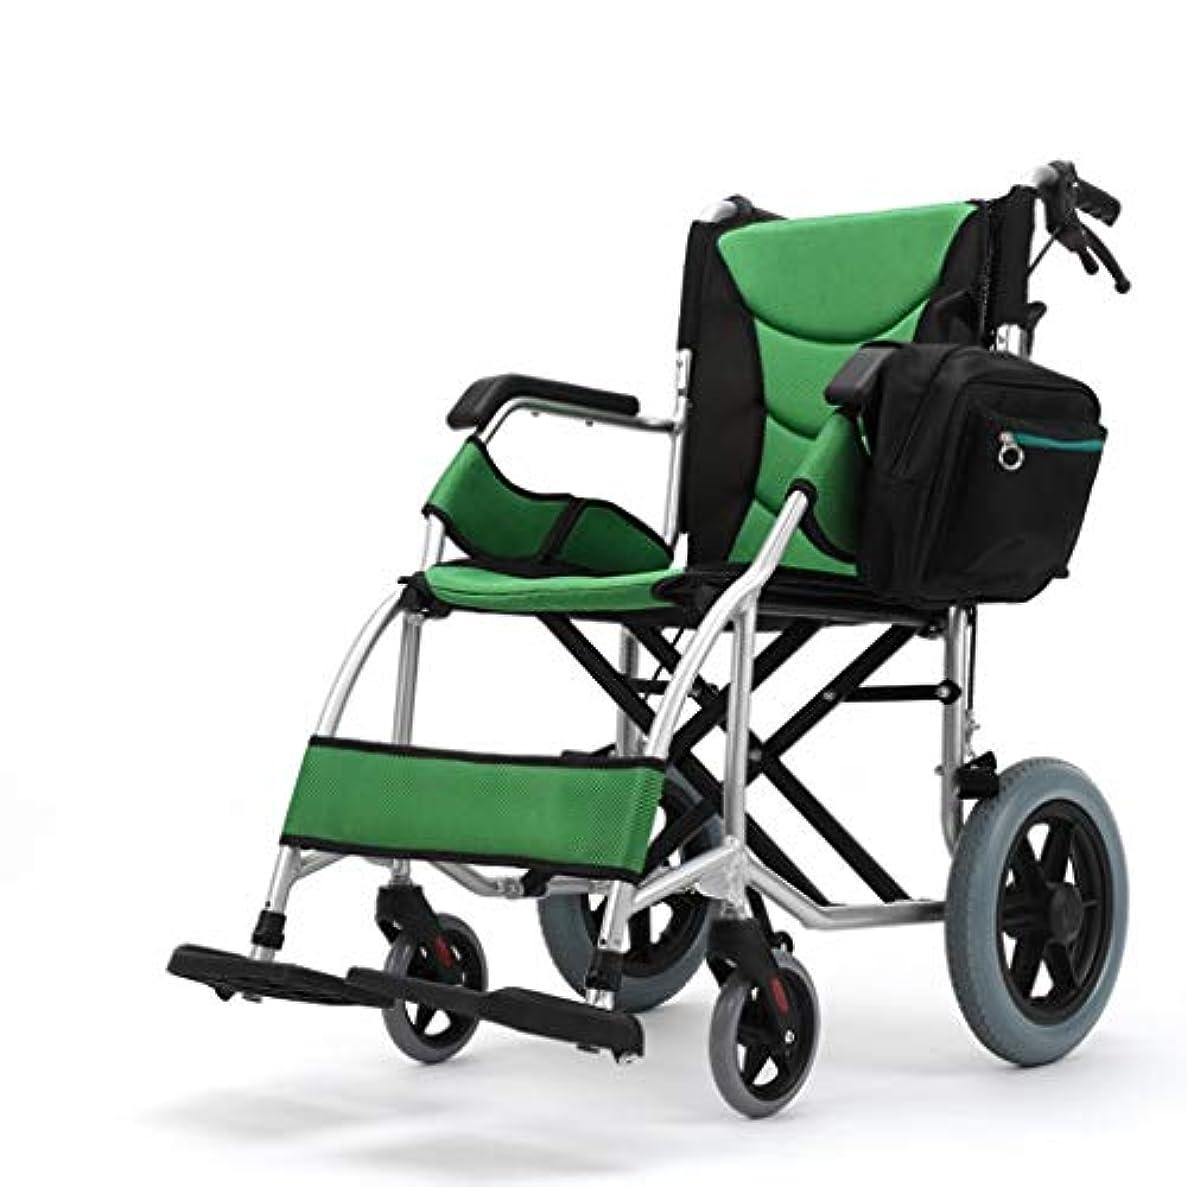 軽く頼む地震車椅子折りたたみポータブル、アルミ合金高齢者超軽量ポータブル旅行ハンドプッシュスクーター